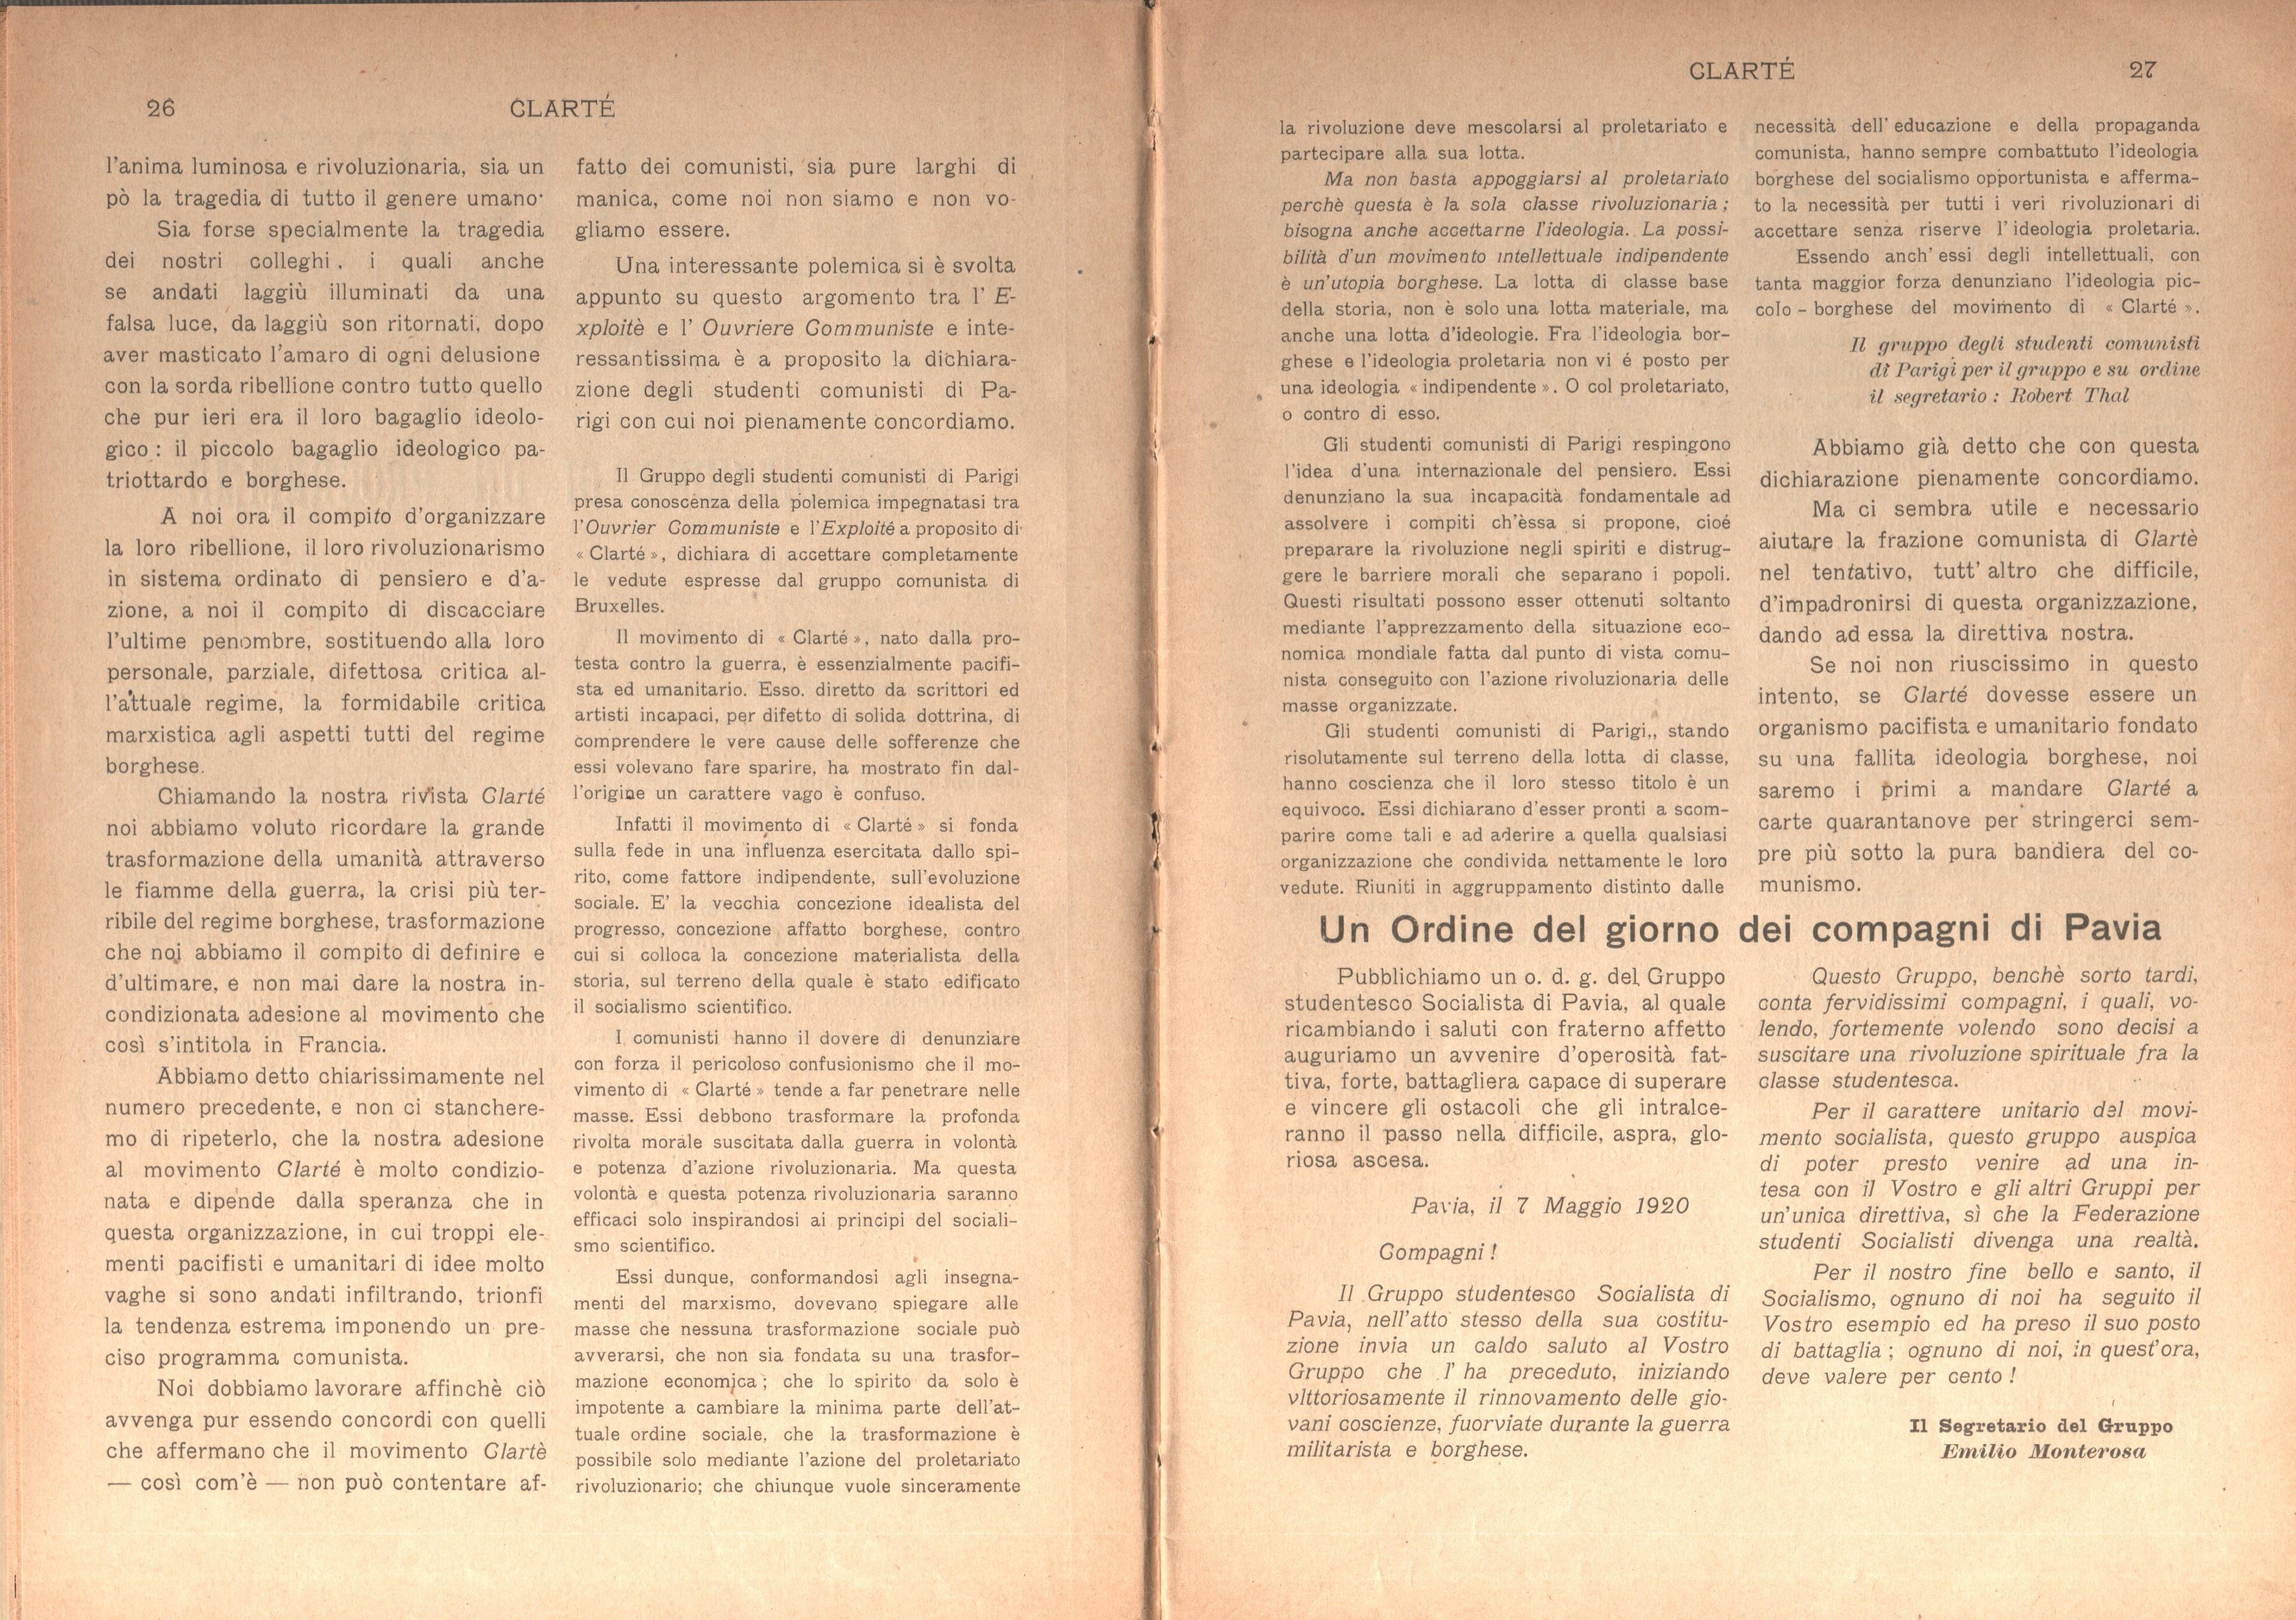 Clarté. Rivista mensile degli studenti comunisti (a. I, n. 2, Palermo, 15 giugno 1920) - pag. 3